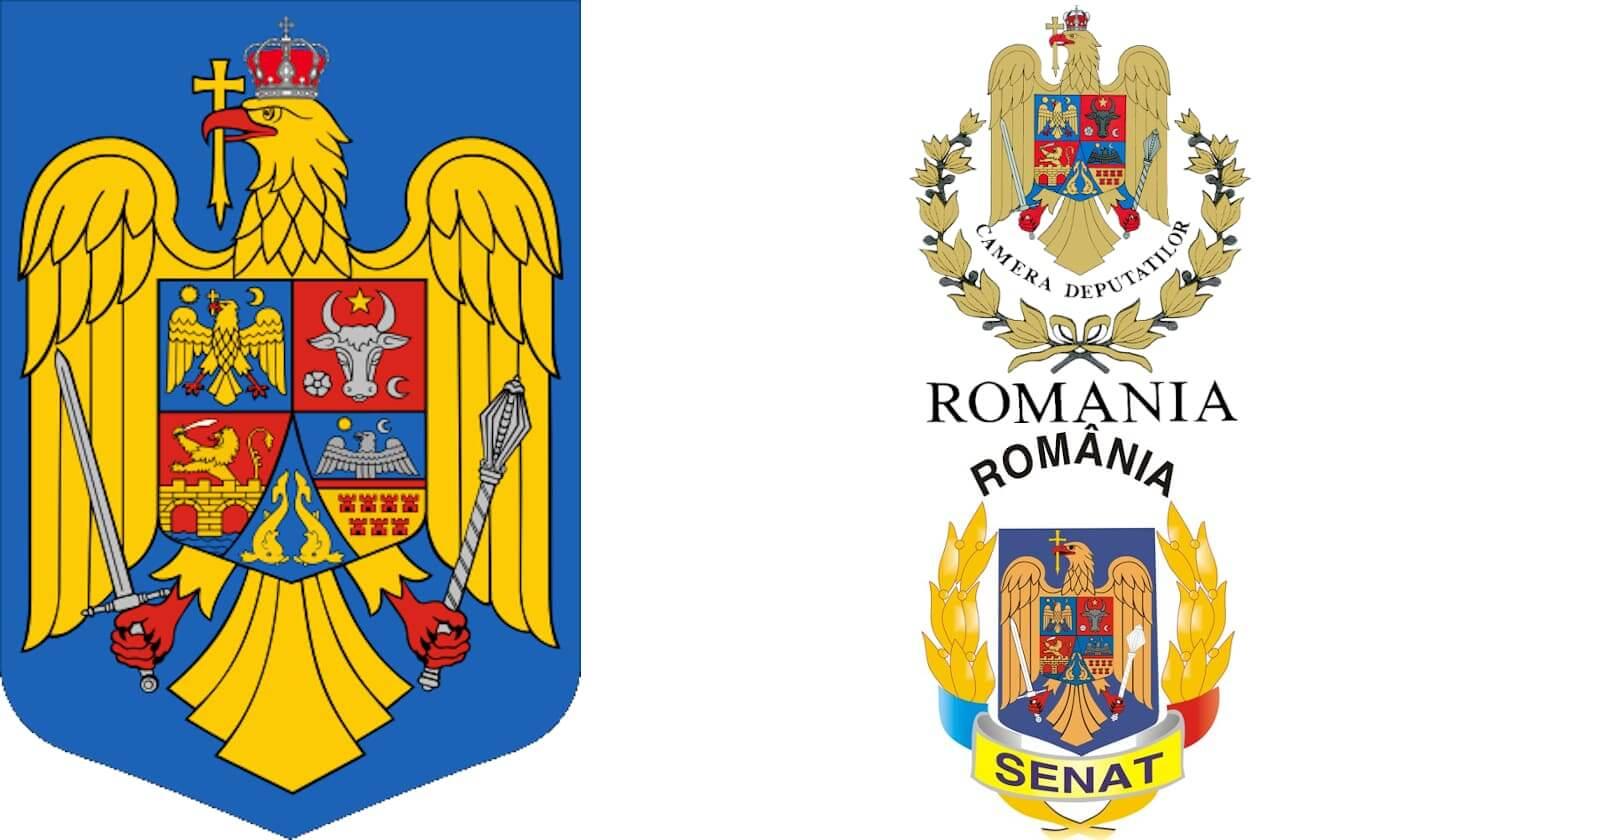 Legea 91/2020 privind modificarea Legii nr. 115/2015 pentru alegerea autorităților administrației publice locale, pentru modificarea Legii administrației publice locale nr. 215/2001, precum și pentru modificarea și completarea Legii nr. 393/2004 privind Statutul aleșilor locali, precum și pentru modificarea Legii nr. 208/2015 privind alegerea Senatului și a Camerei Deputaților, precum și pentru organizarea și funcționarea Autorității Electorale Permanente